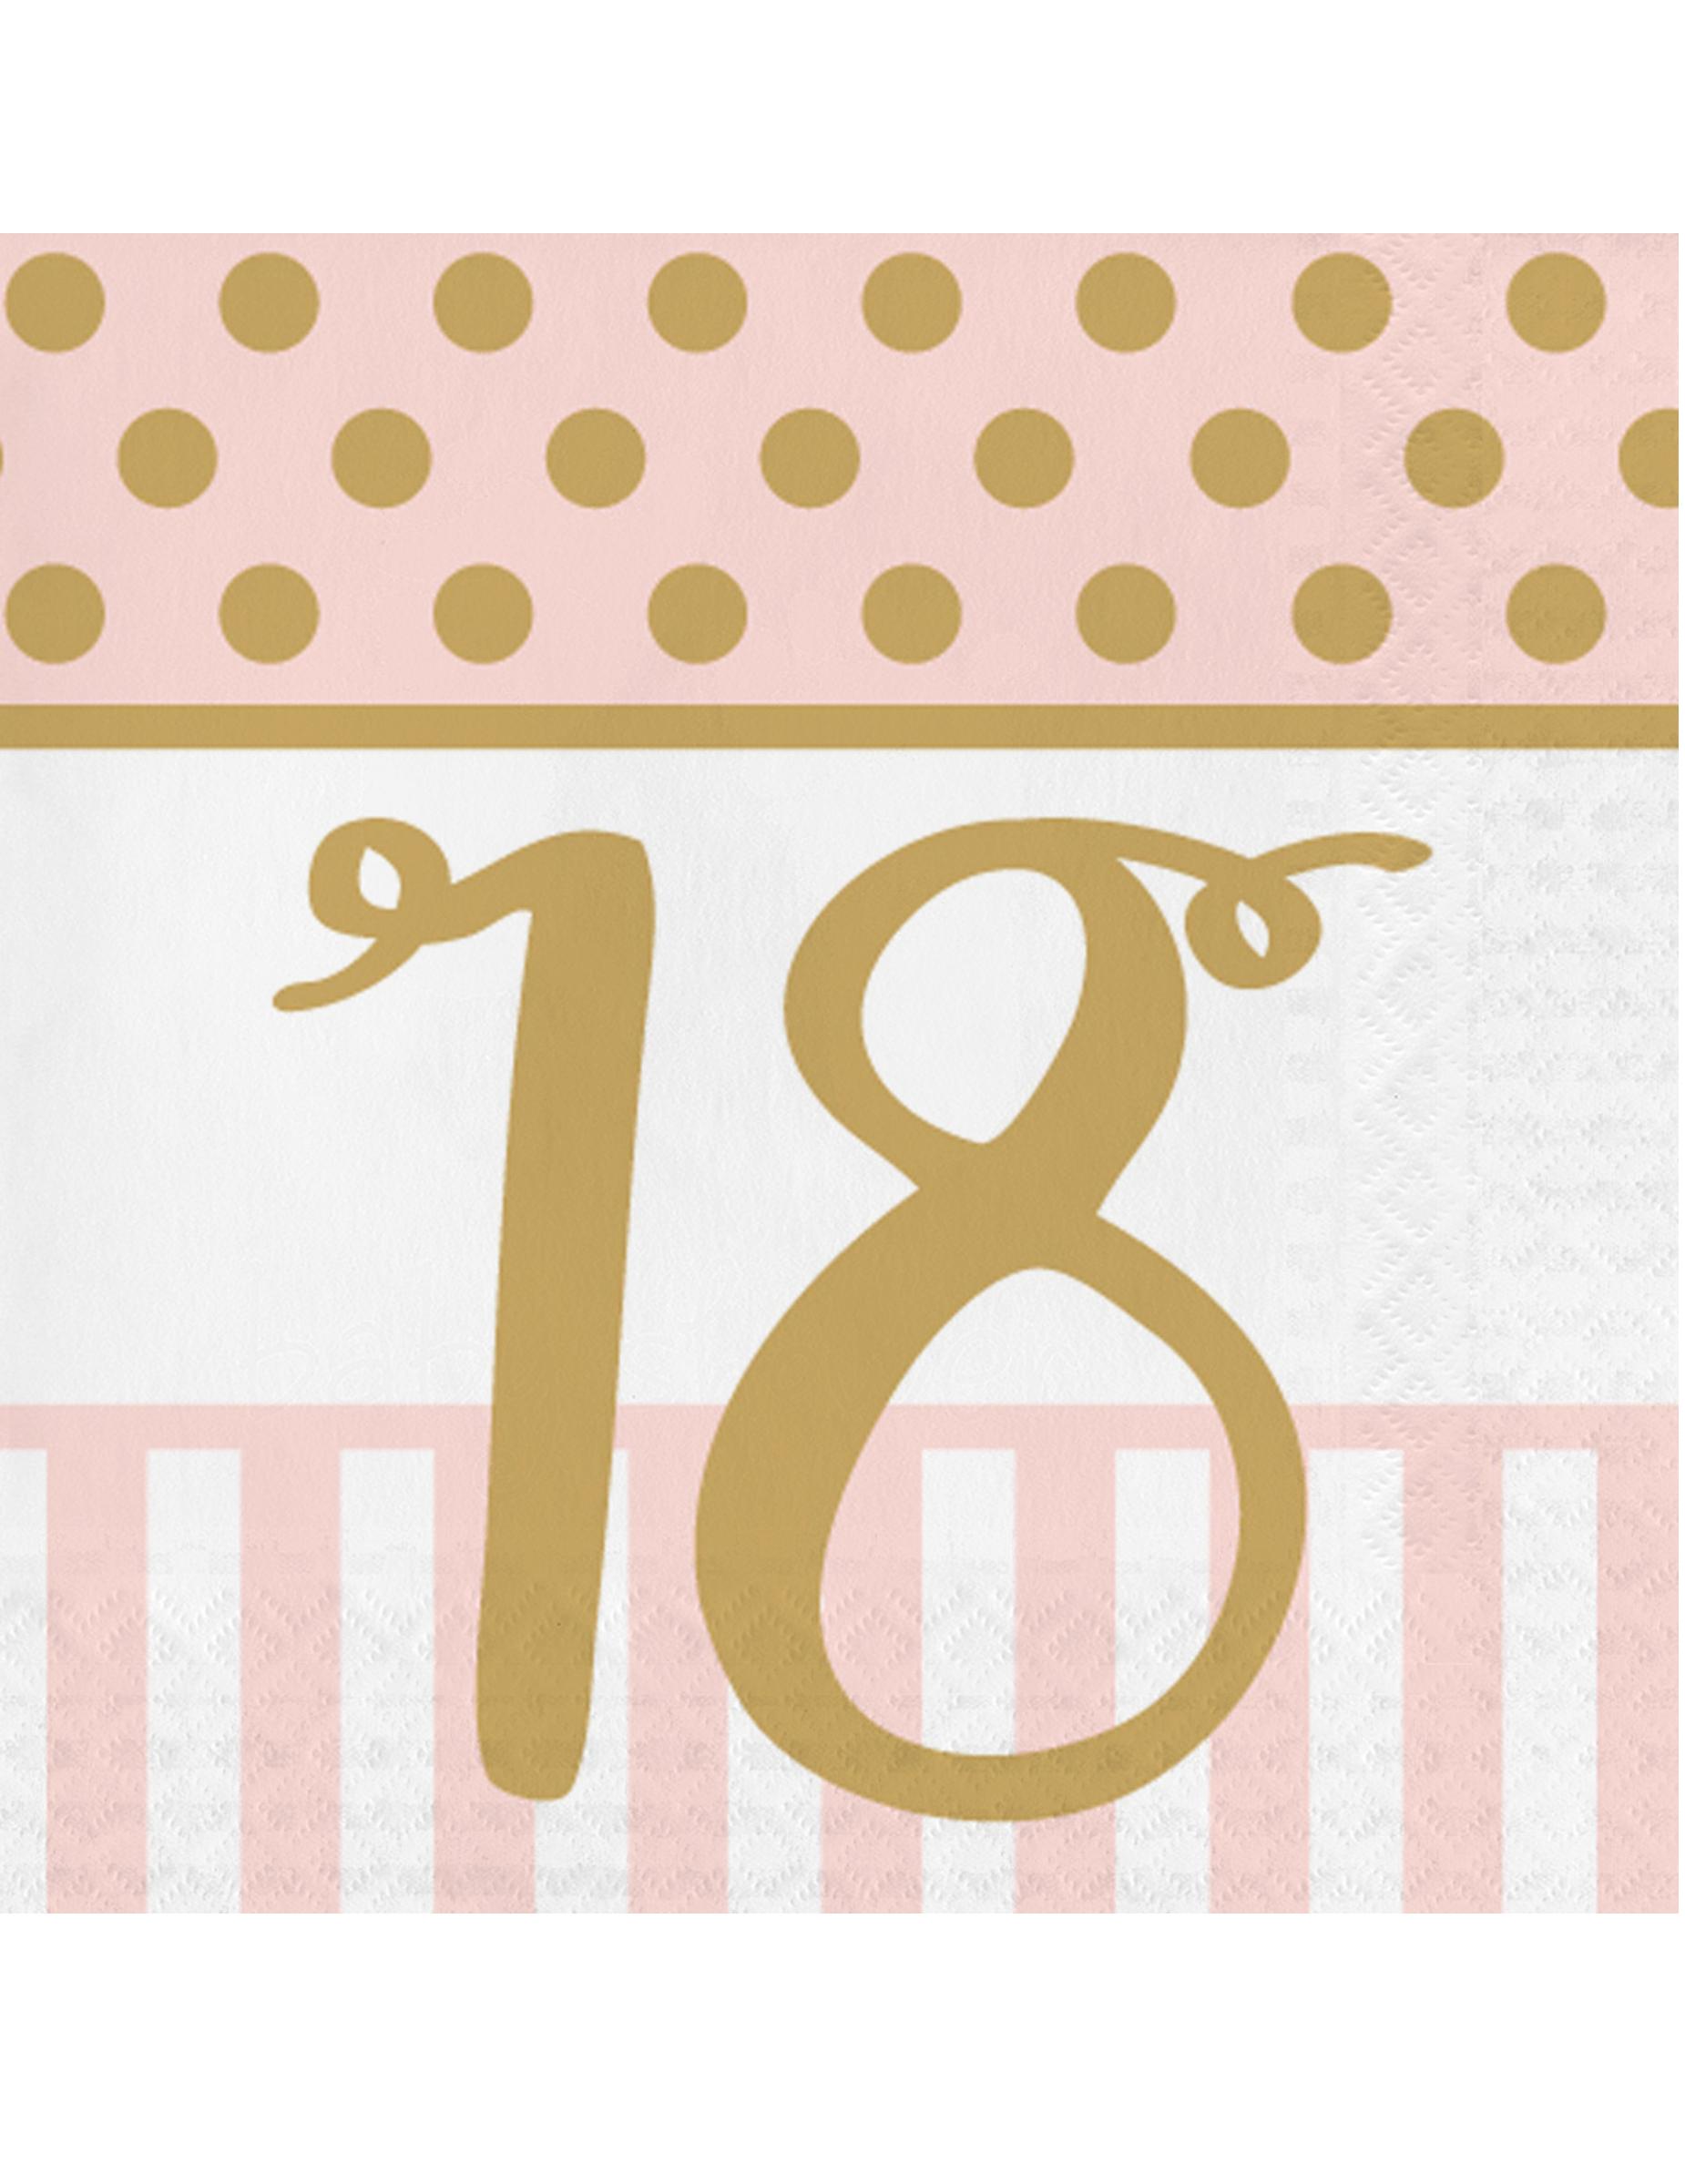 20 serviettes en papier 18 ans rose et or 33 x 33 cm d coration anniversaire et f tes th me. Black Bedroom Furniture Sets. Home Design Ideas